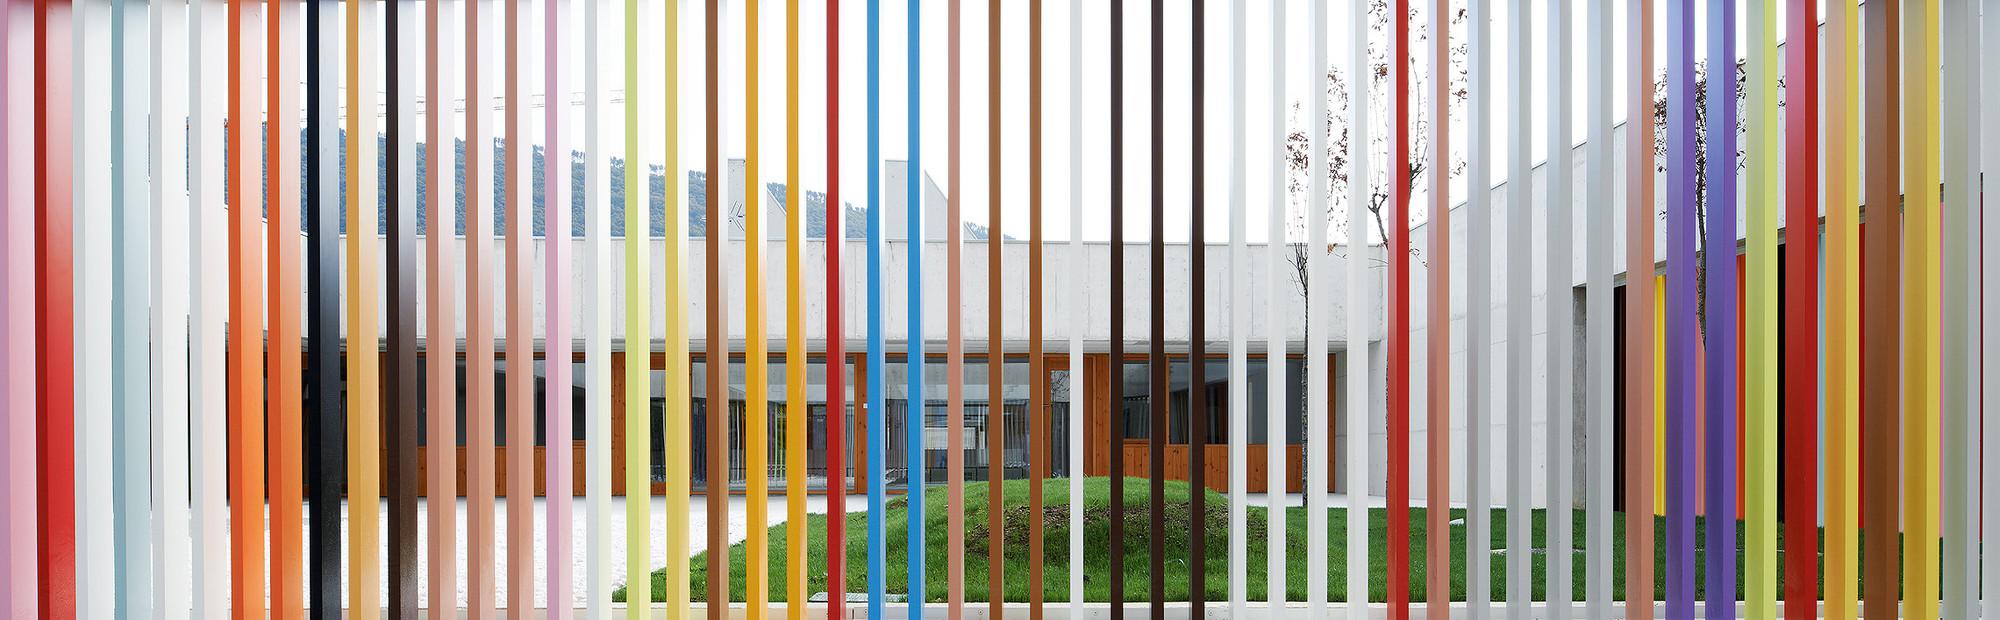 Nursery School in Berriozar / Javier Larraz + Iñigo Beguiristain + Iñaki Bergera